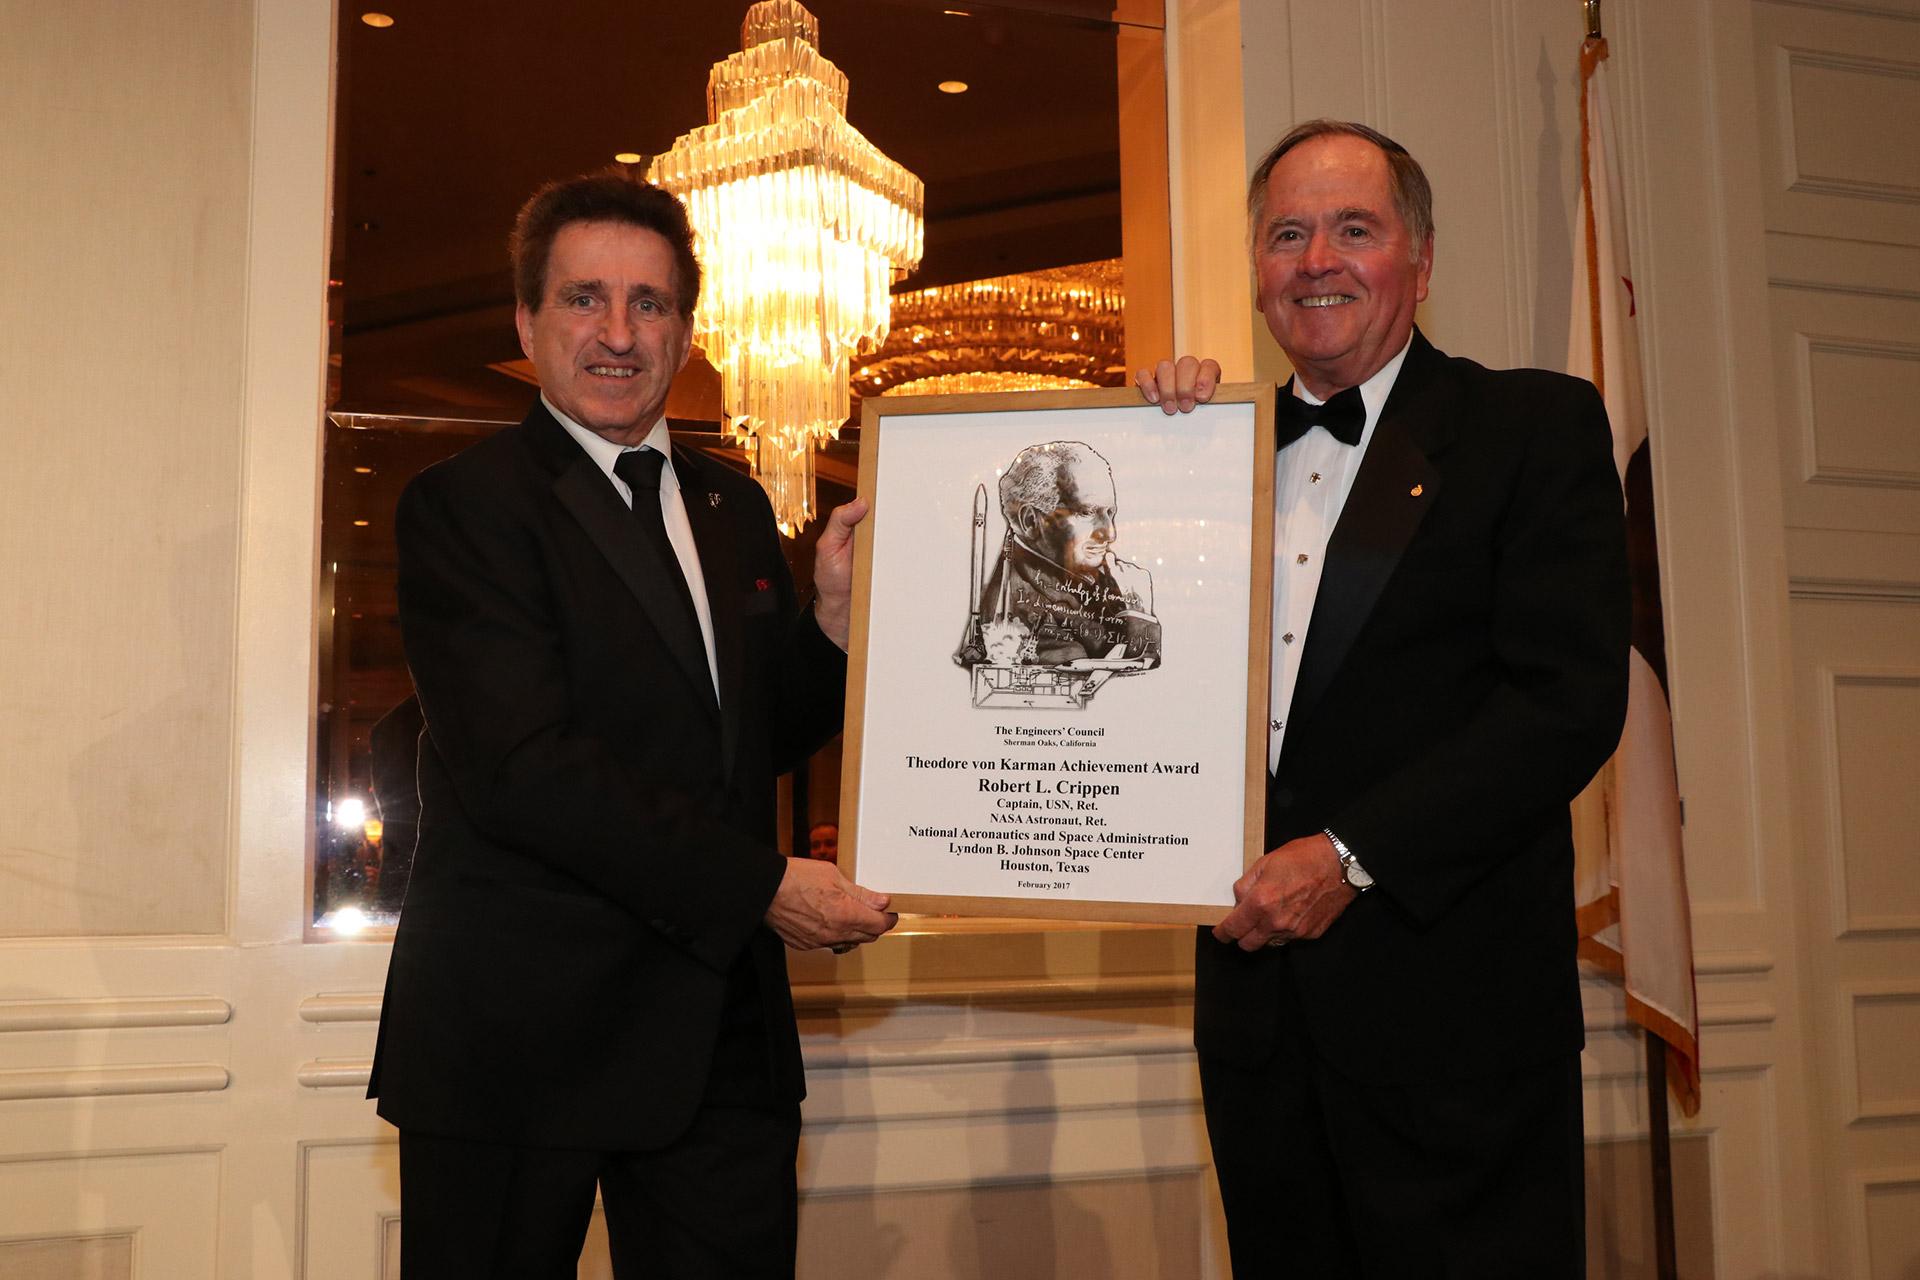 2017 Theodore von Karman Achievement Award Winner- Robert L. Crippen